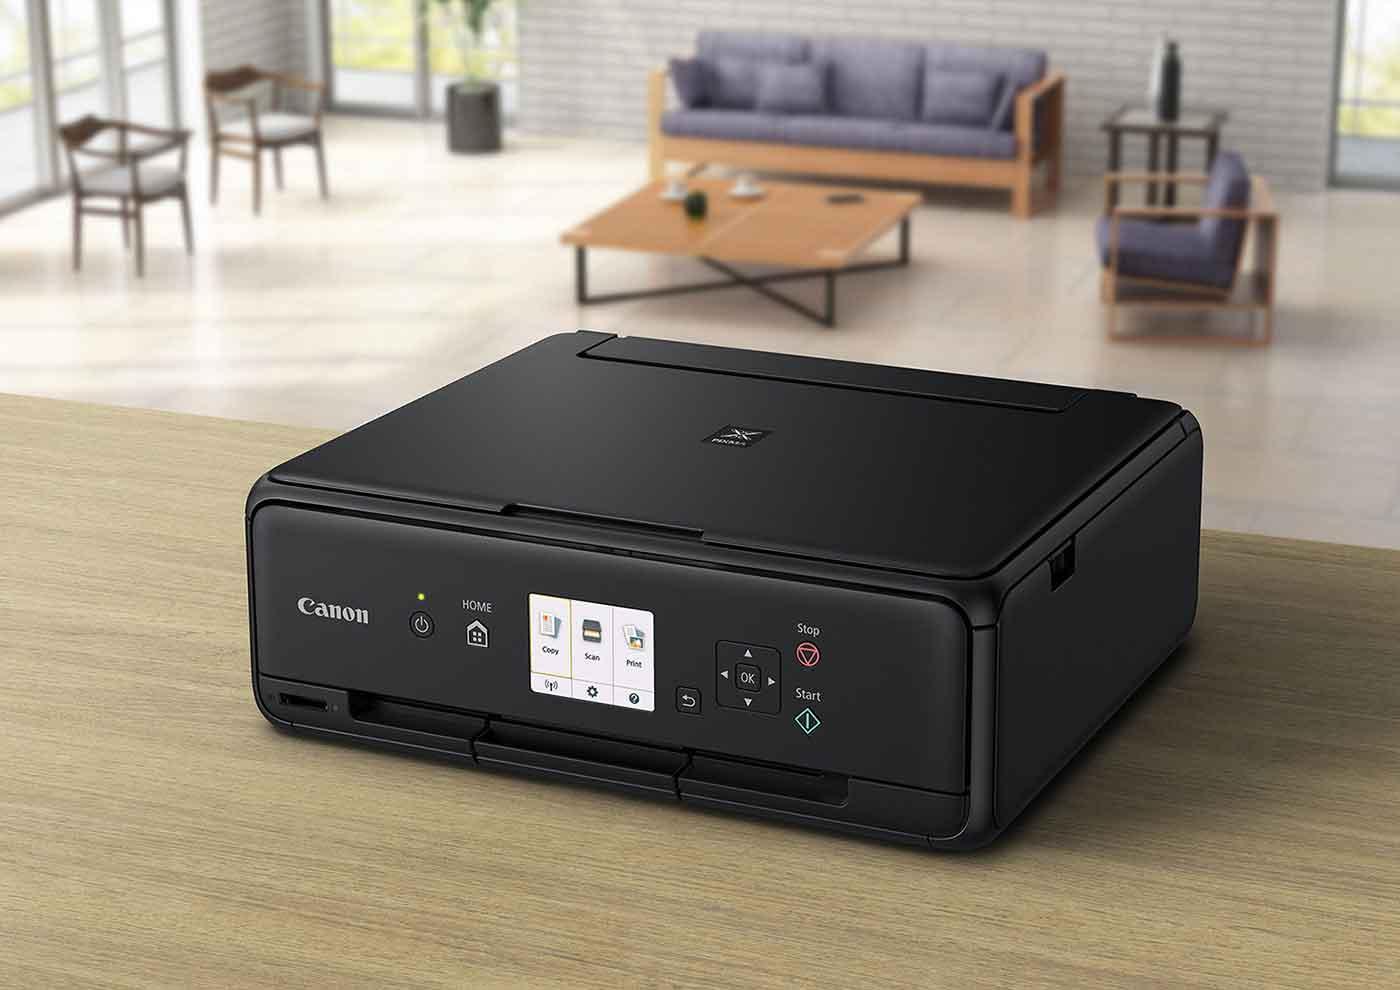 Disfruta de impresiones de alta calidad con las elegantes y compactas impresoras domésticas Tres-en-Uno de Canon